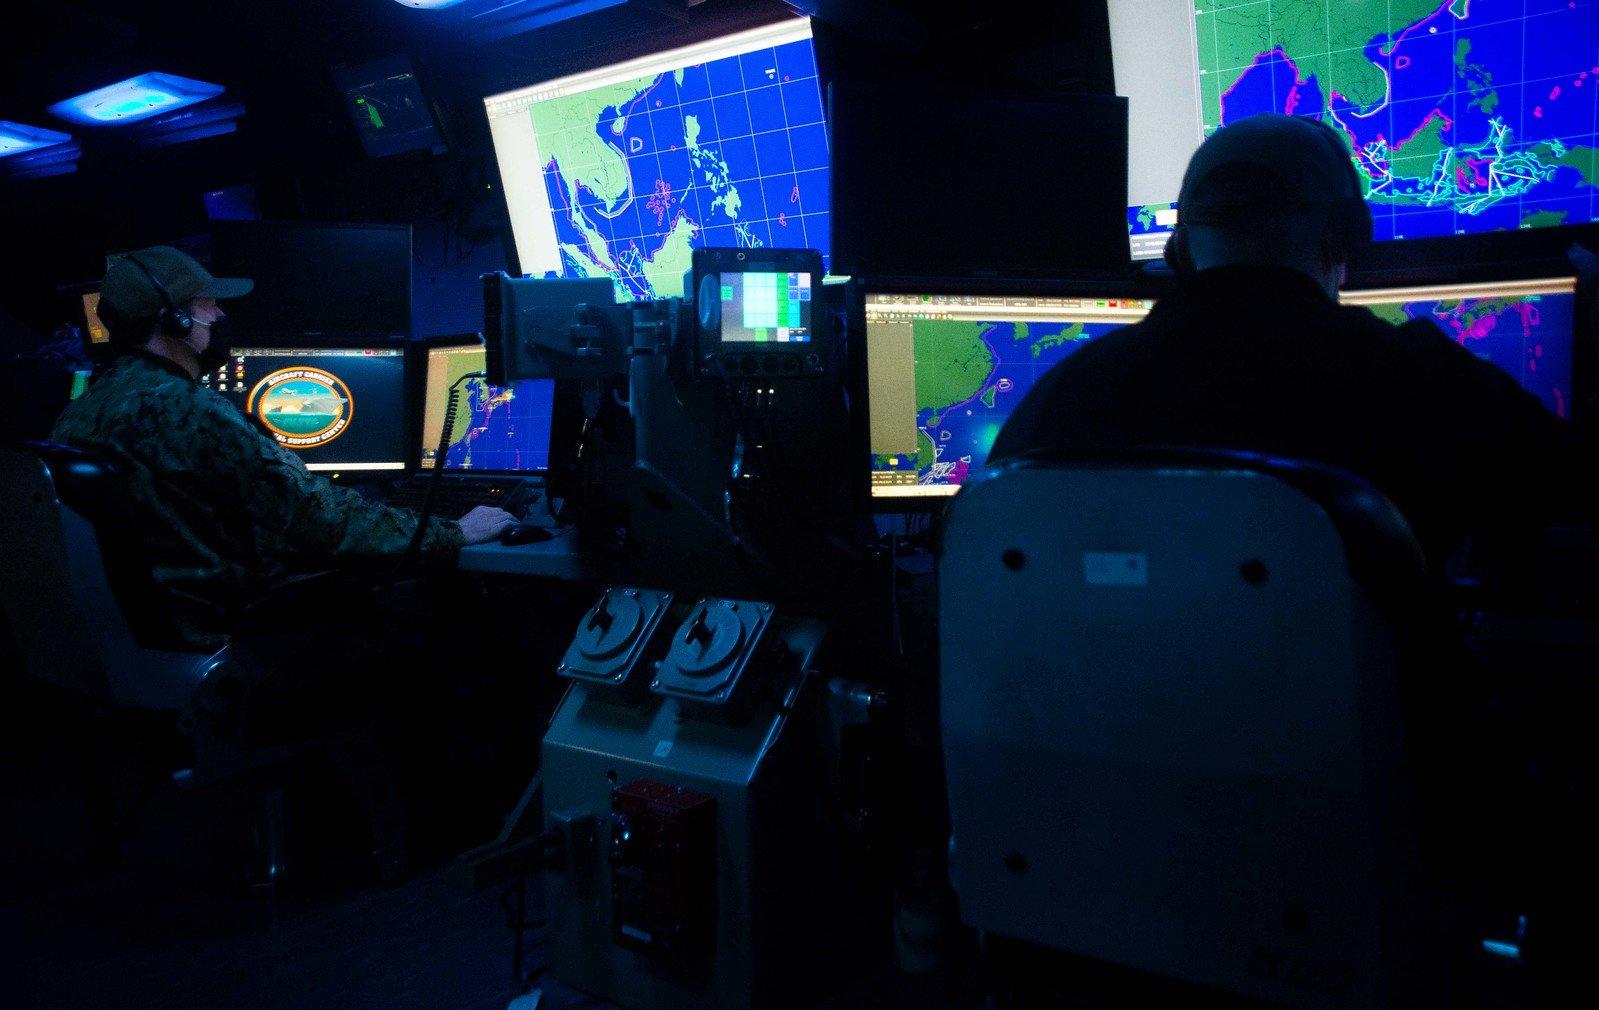 美國印太司令部近日公佈了模擬演習的畫面,電腦熒屏上顯示的,恰恰是中共最擔心的南海區域。(美國印太司令部)